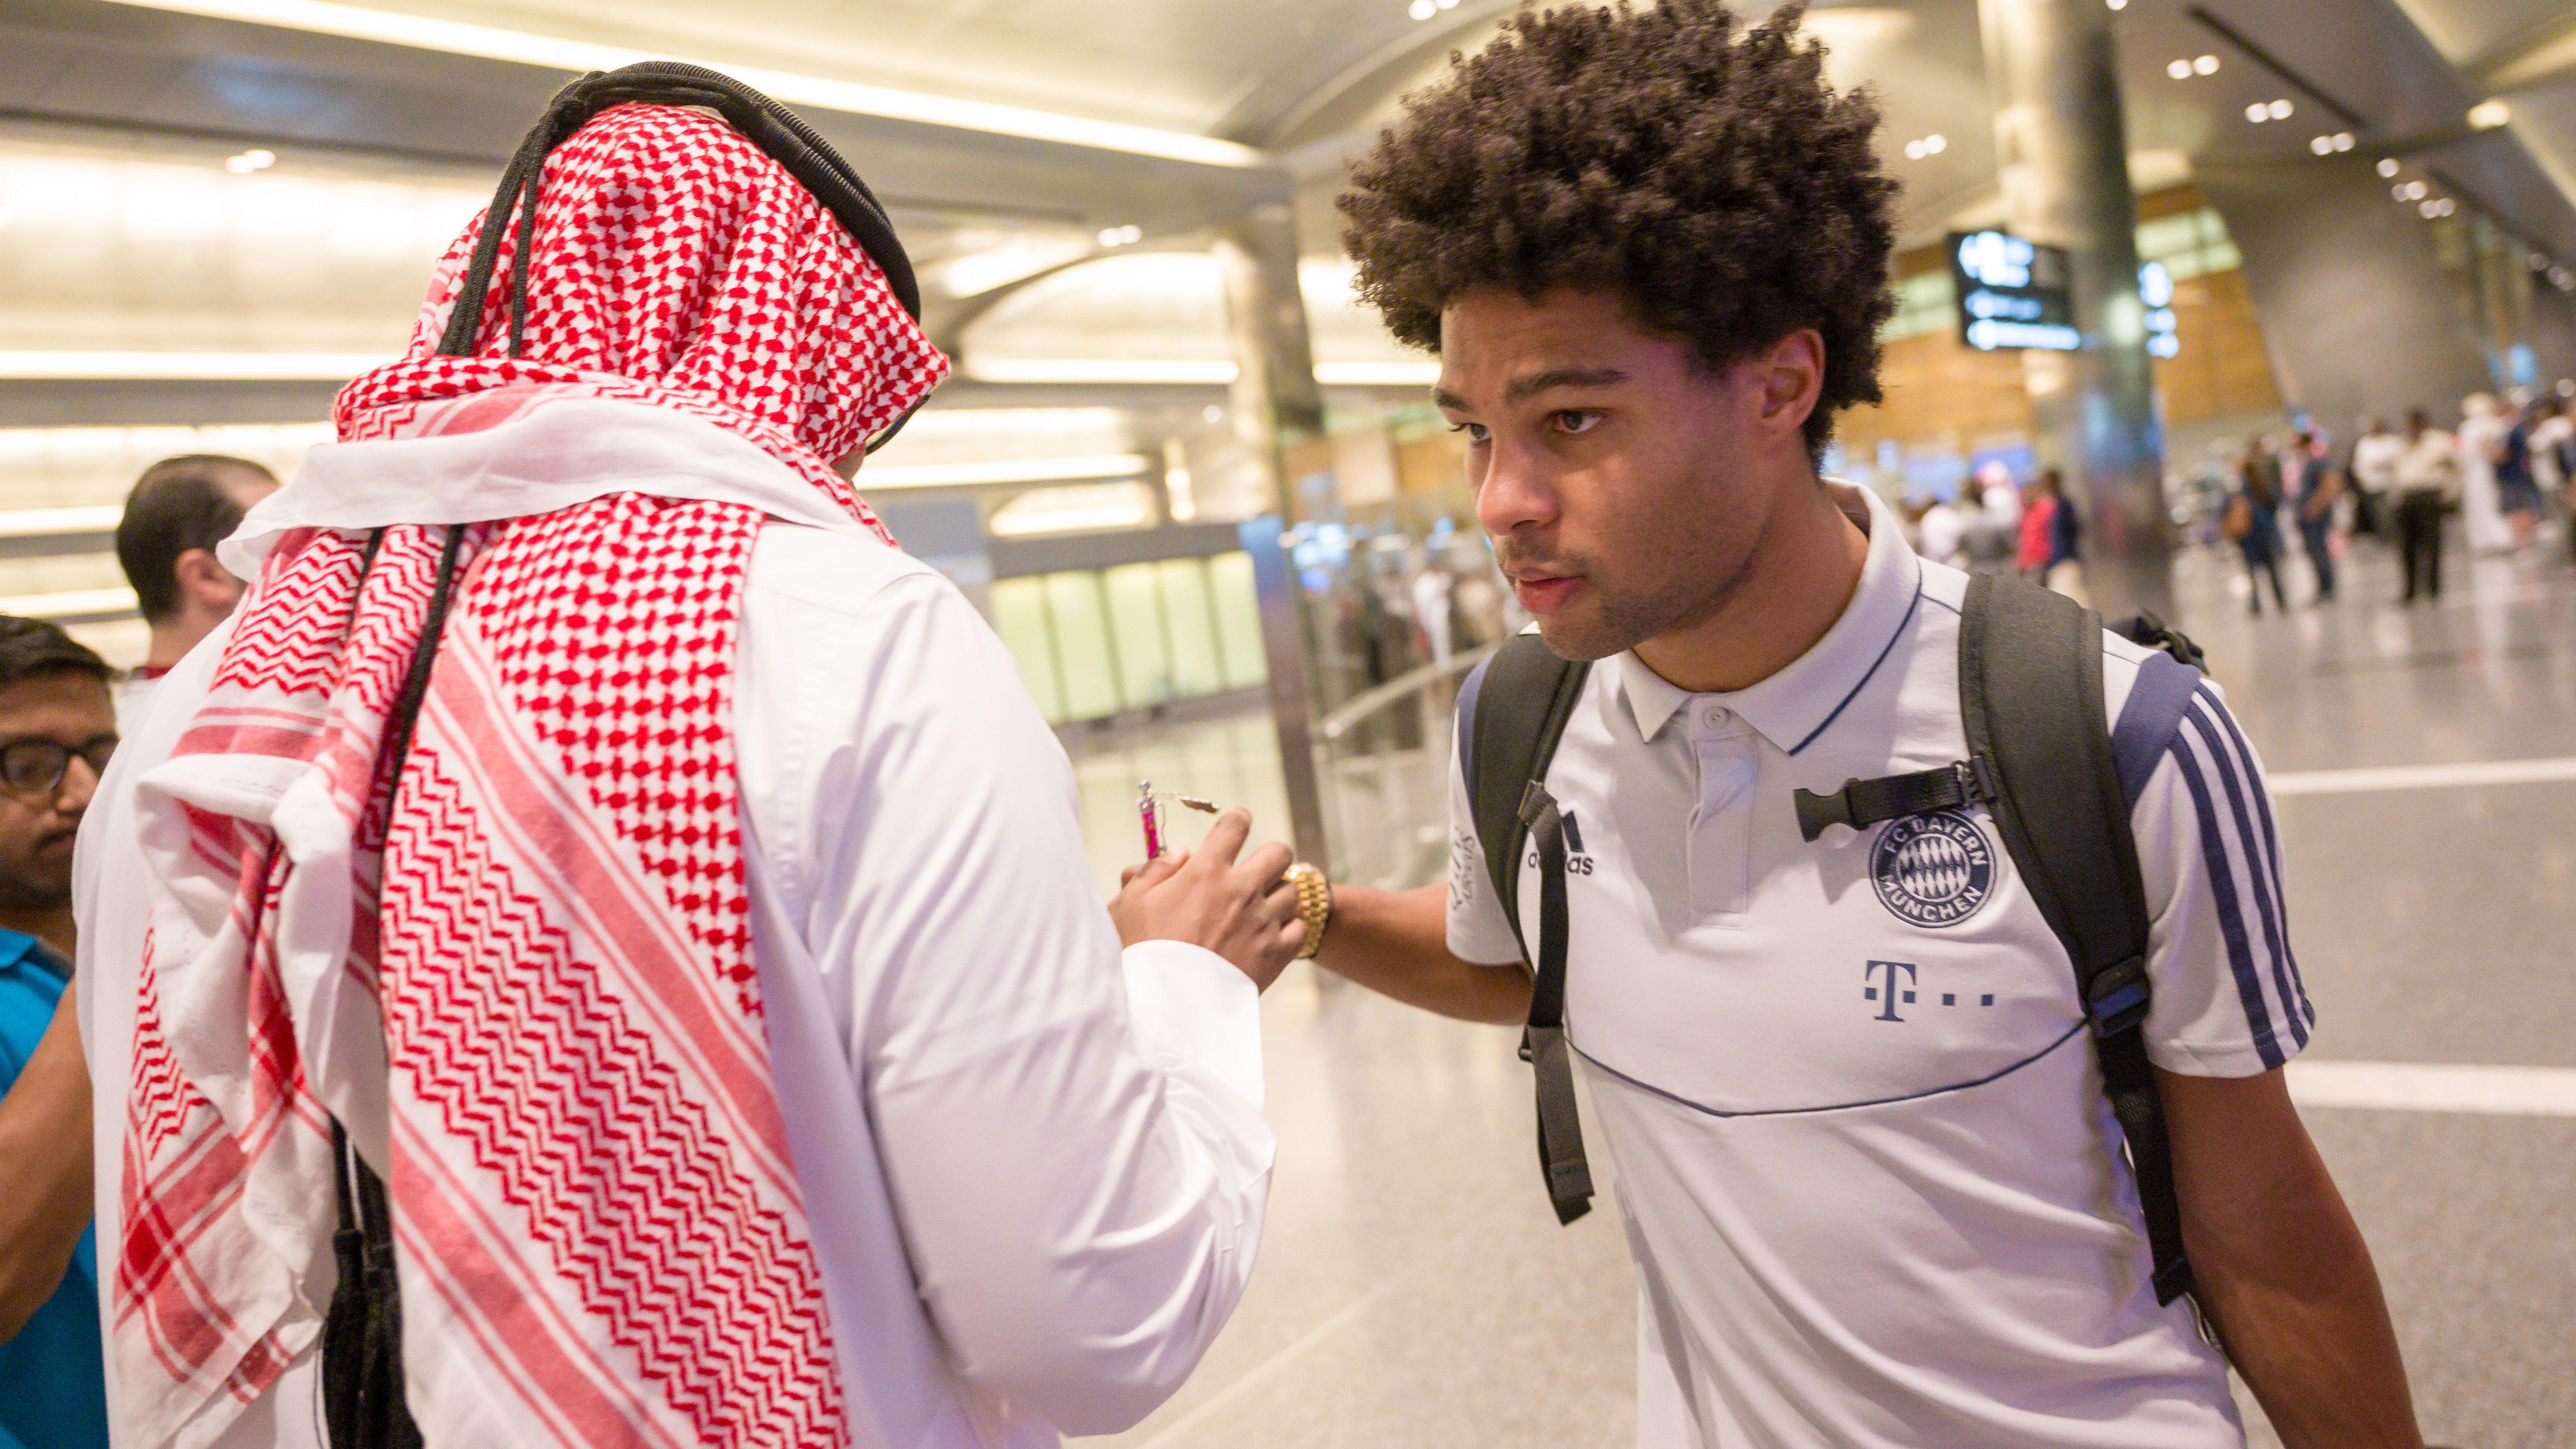 Bayern-Spieler Serge Gnabry wird nach der Ankunft der Mannschaft auf dem Flughafen von Katar von Fans empfangen.